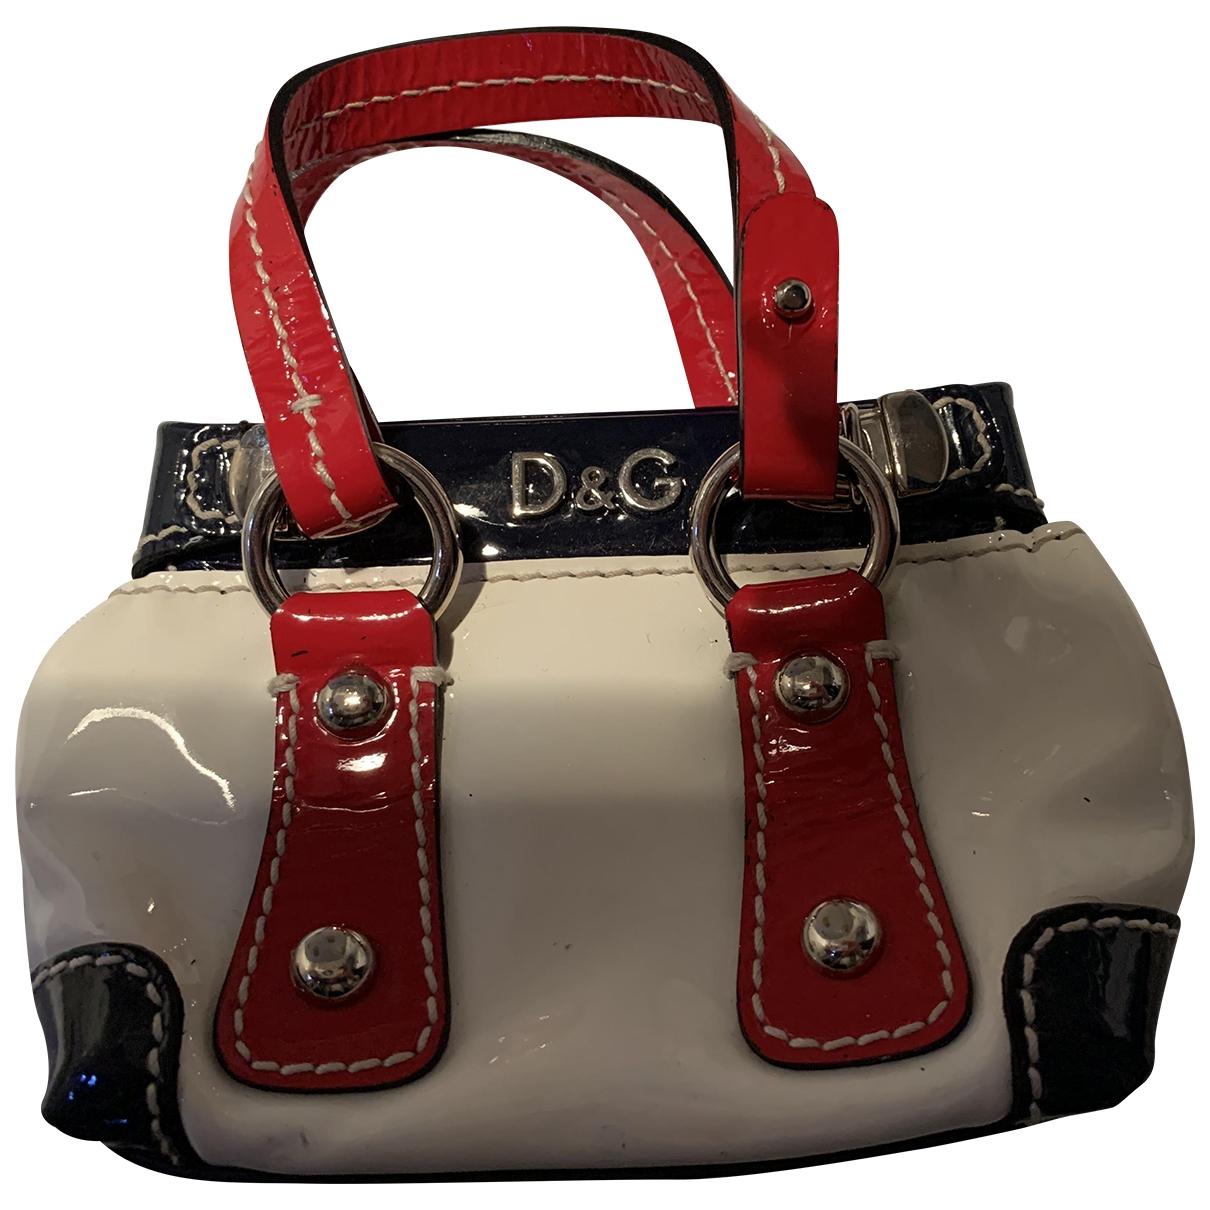 D&g \N Handtasche in  Weiss Lackleder